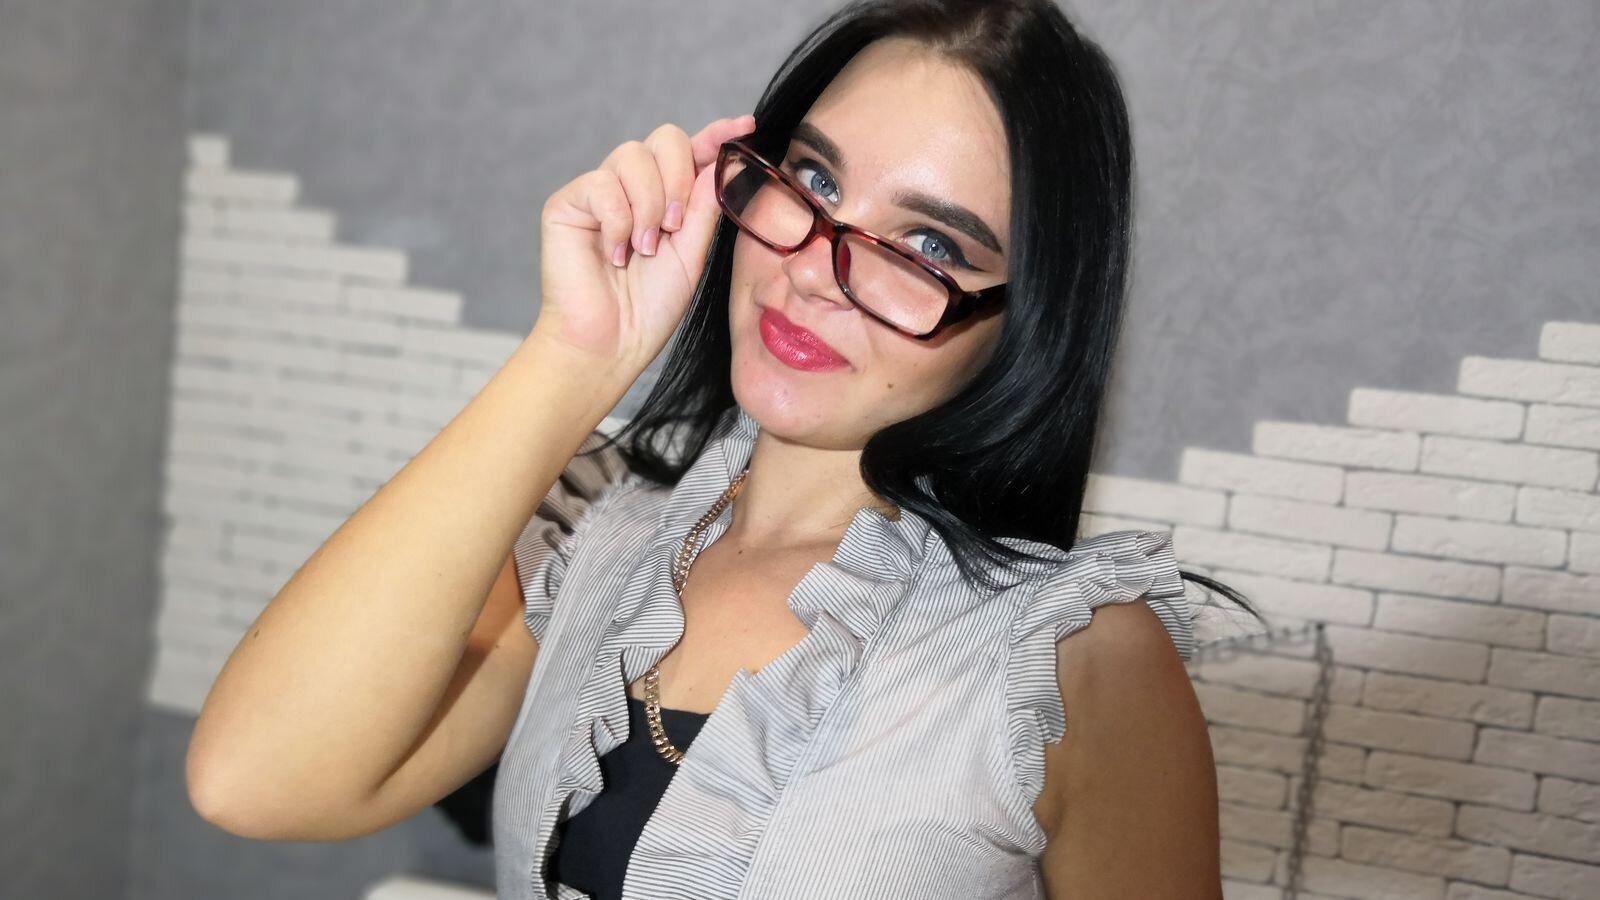 DianaGrace